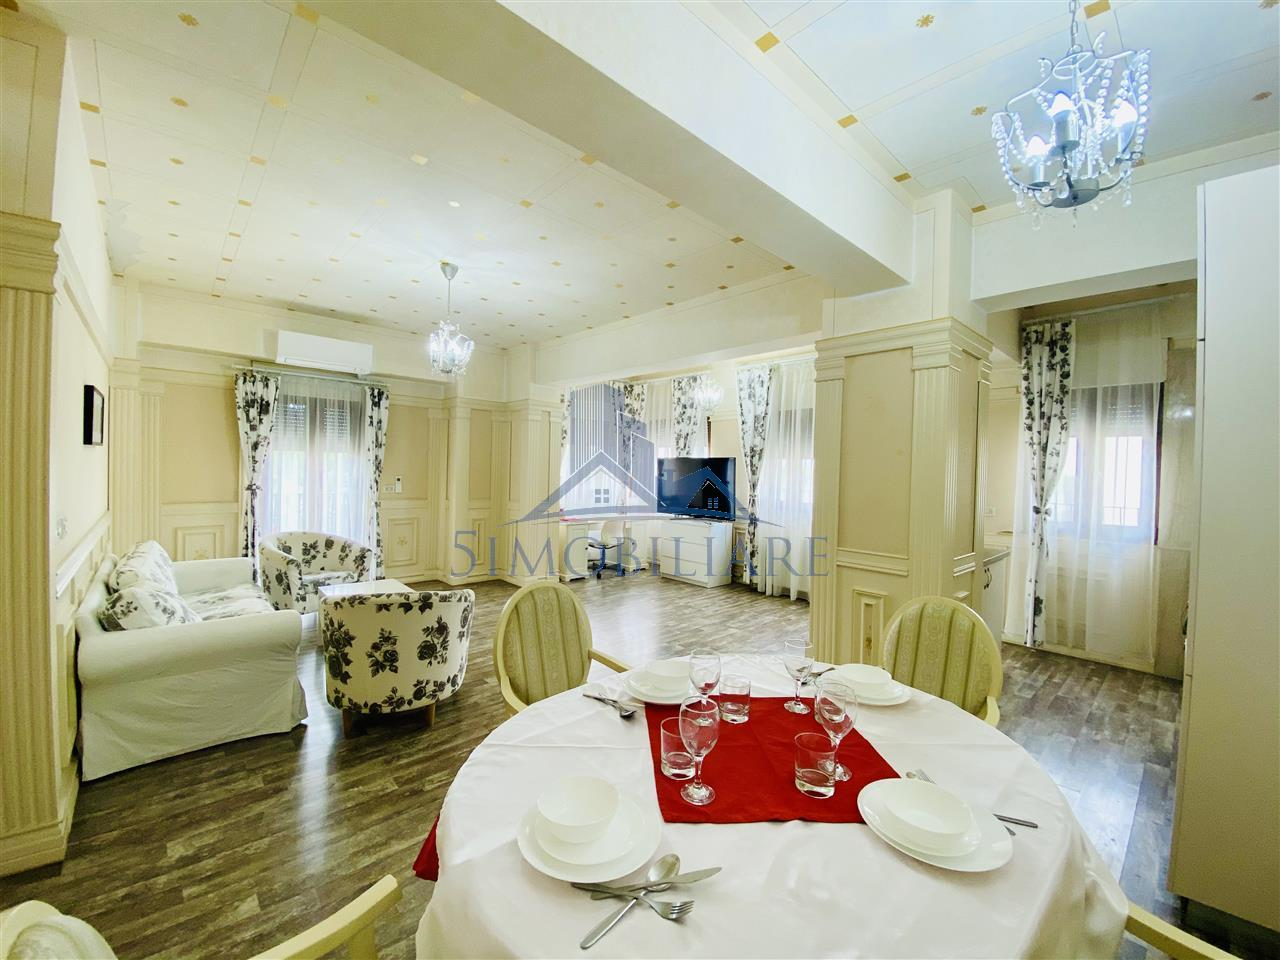 Apartament elegant 3 camere Baneasa -Tur Video atasat